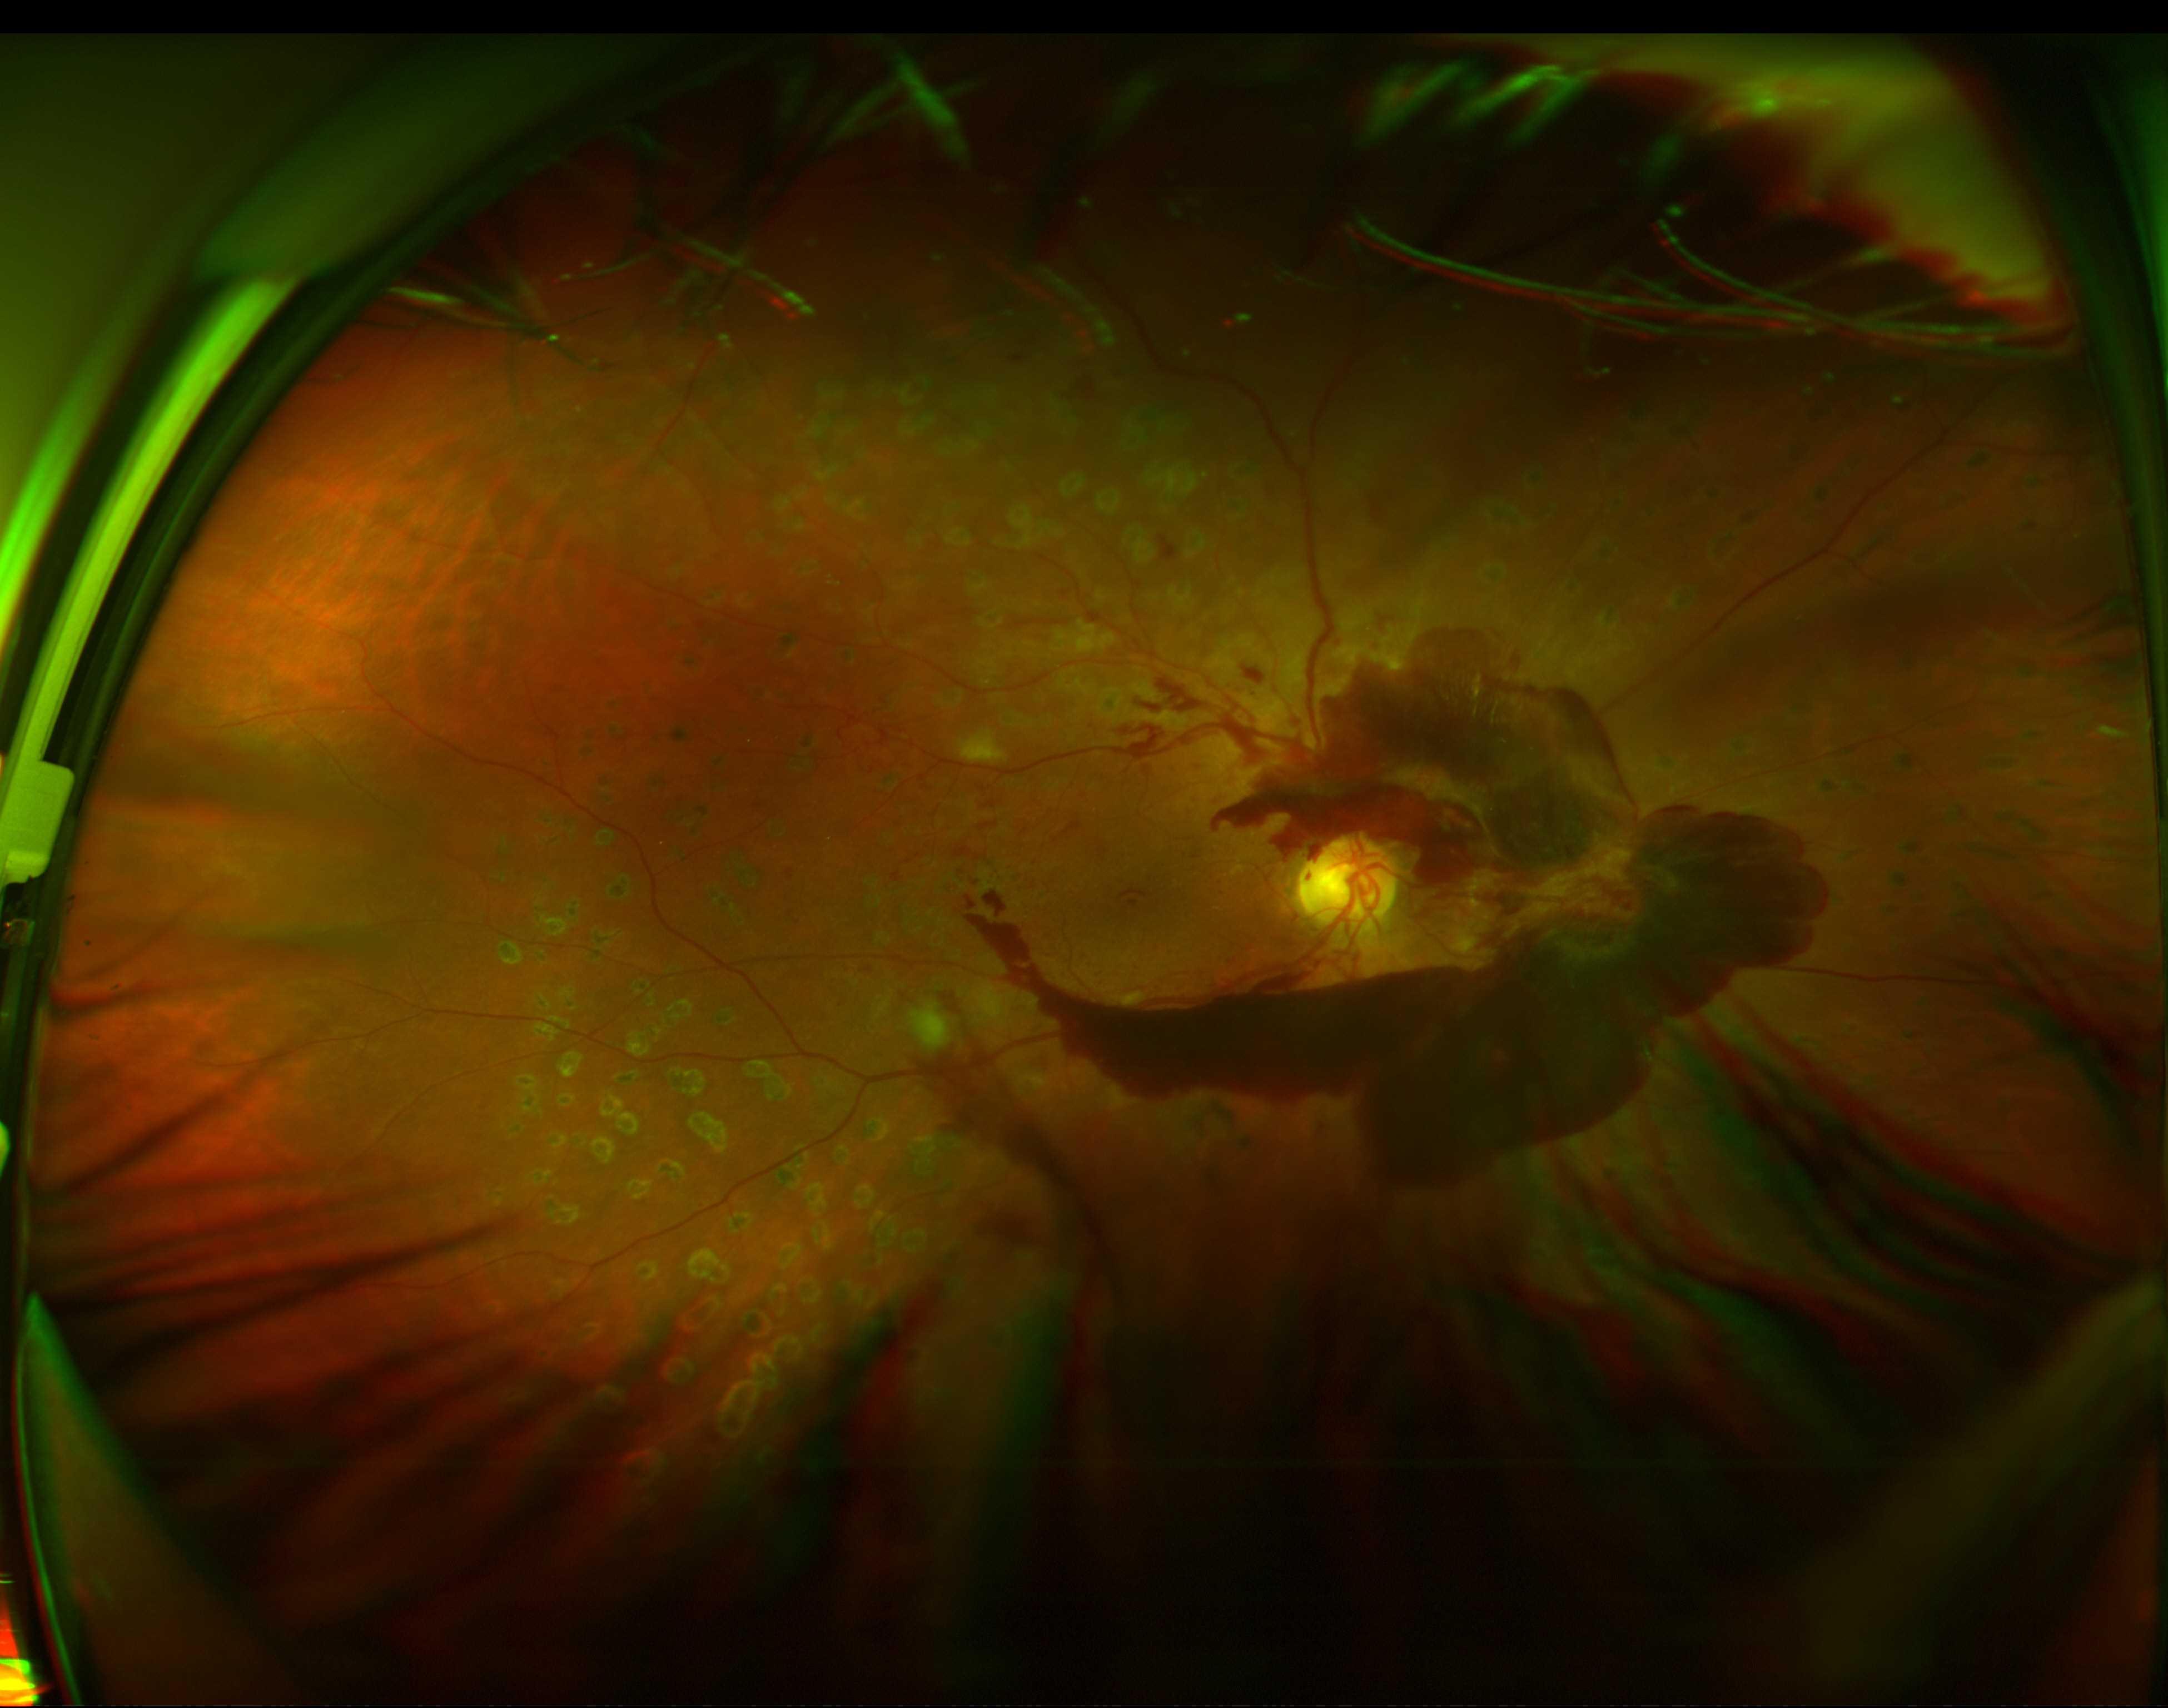 Hémorragie du vitré. Perte de vision, vision floue et corps flottants.